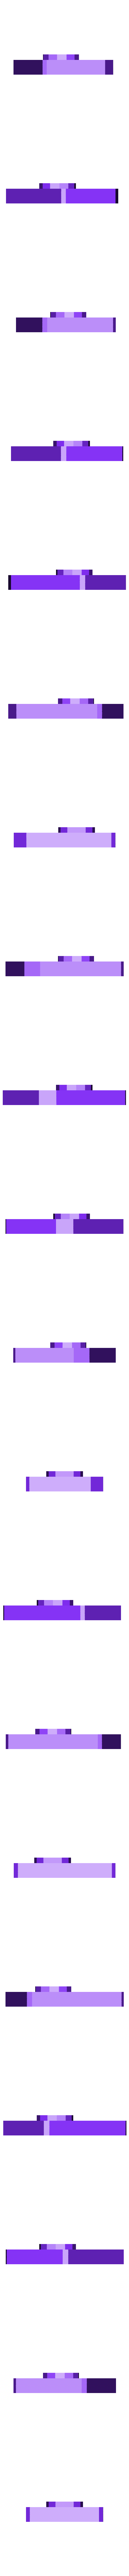 Printrbot_Multi_E3D_Back.stl Télécharger fichier STL gratuit Printrbot Multi • Objet à imprimer en 3D, rushmere3d